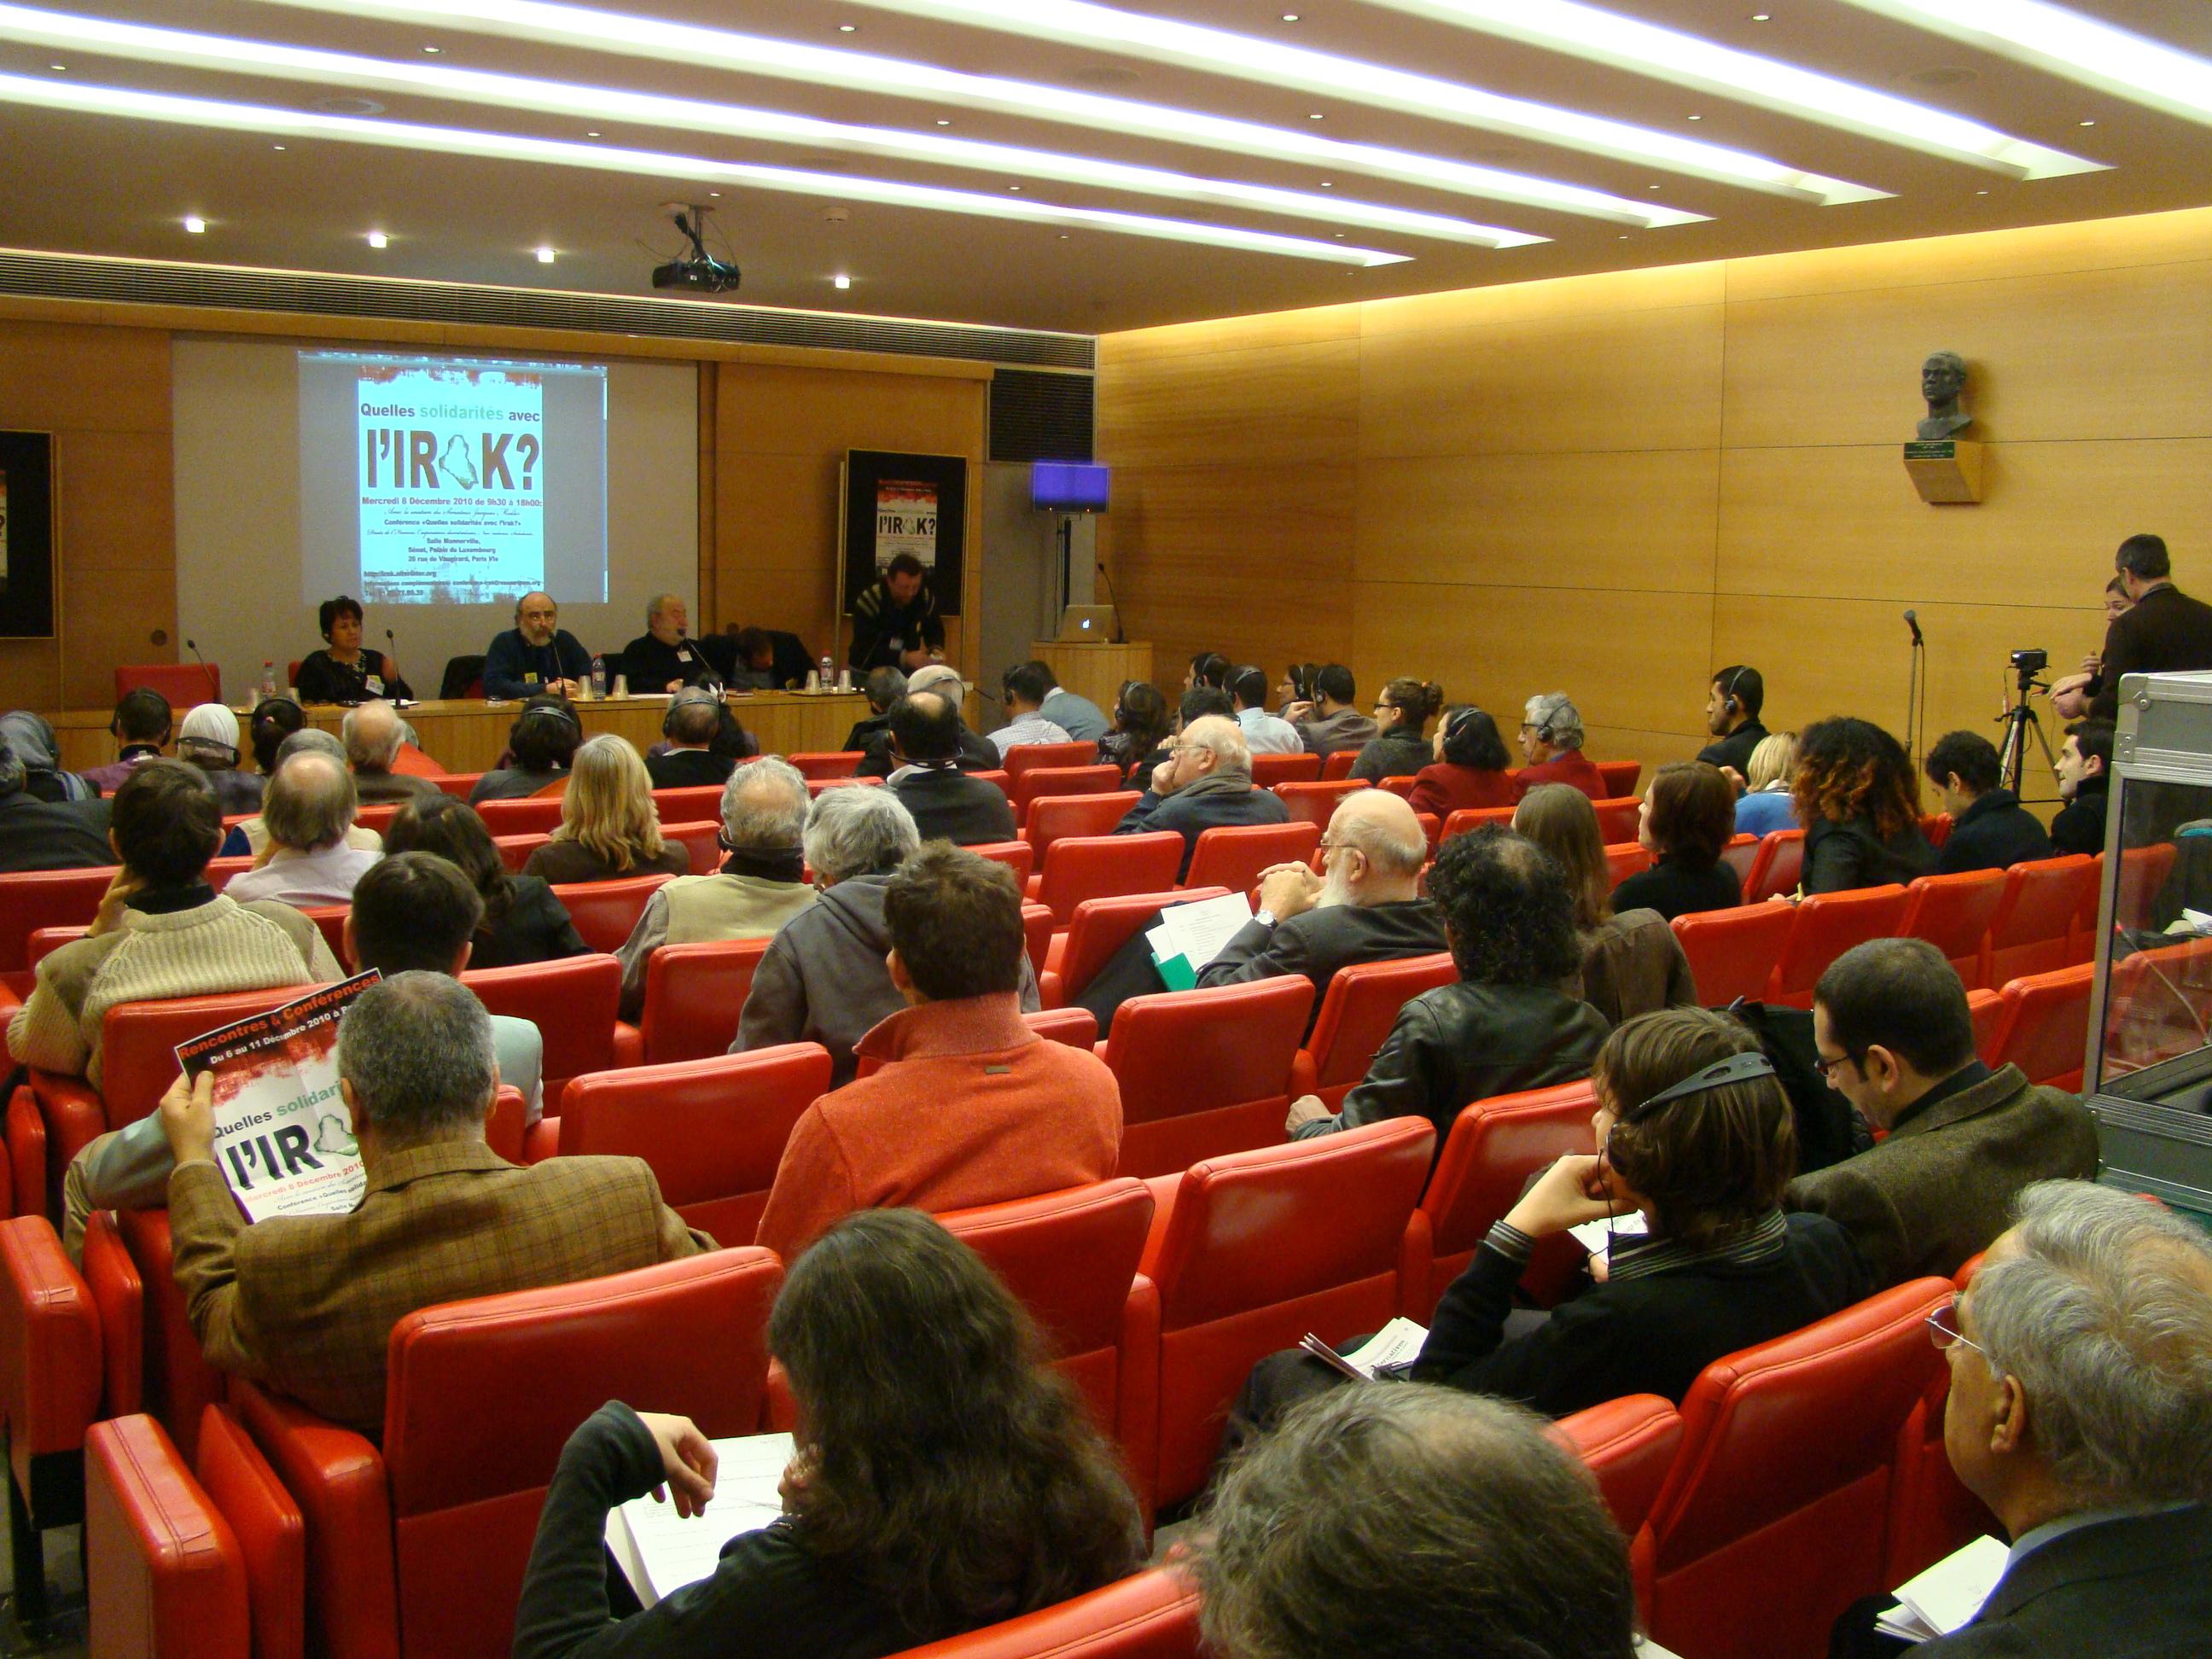 جانب من حضور المؤتمر الثاني للمبادرة في باريس